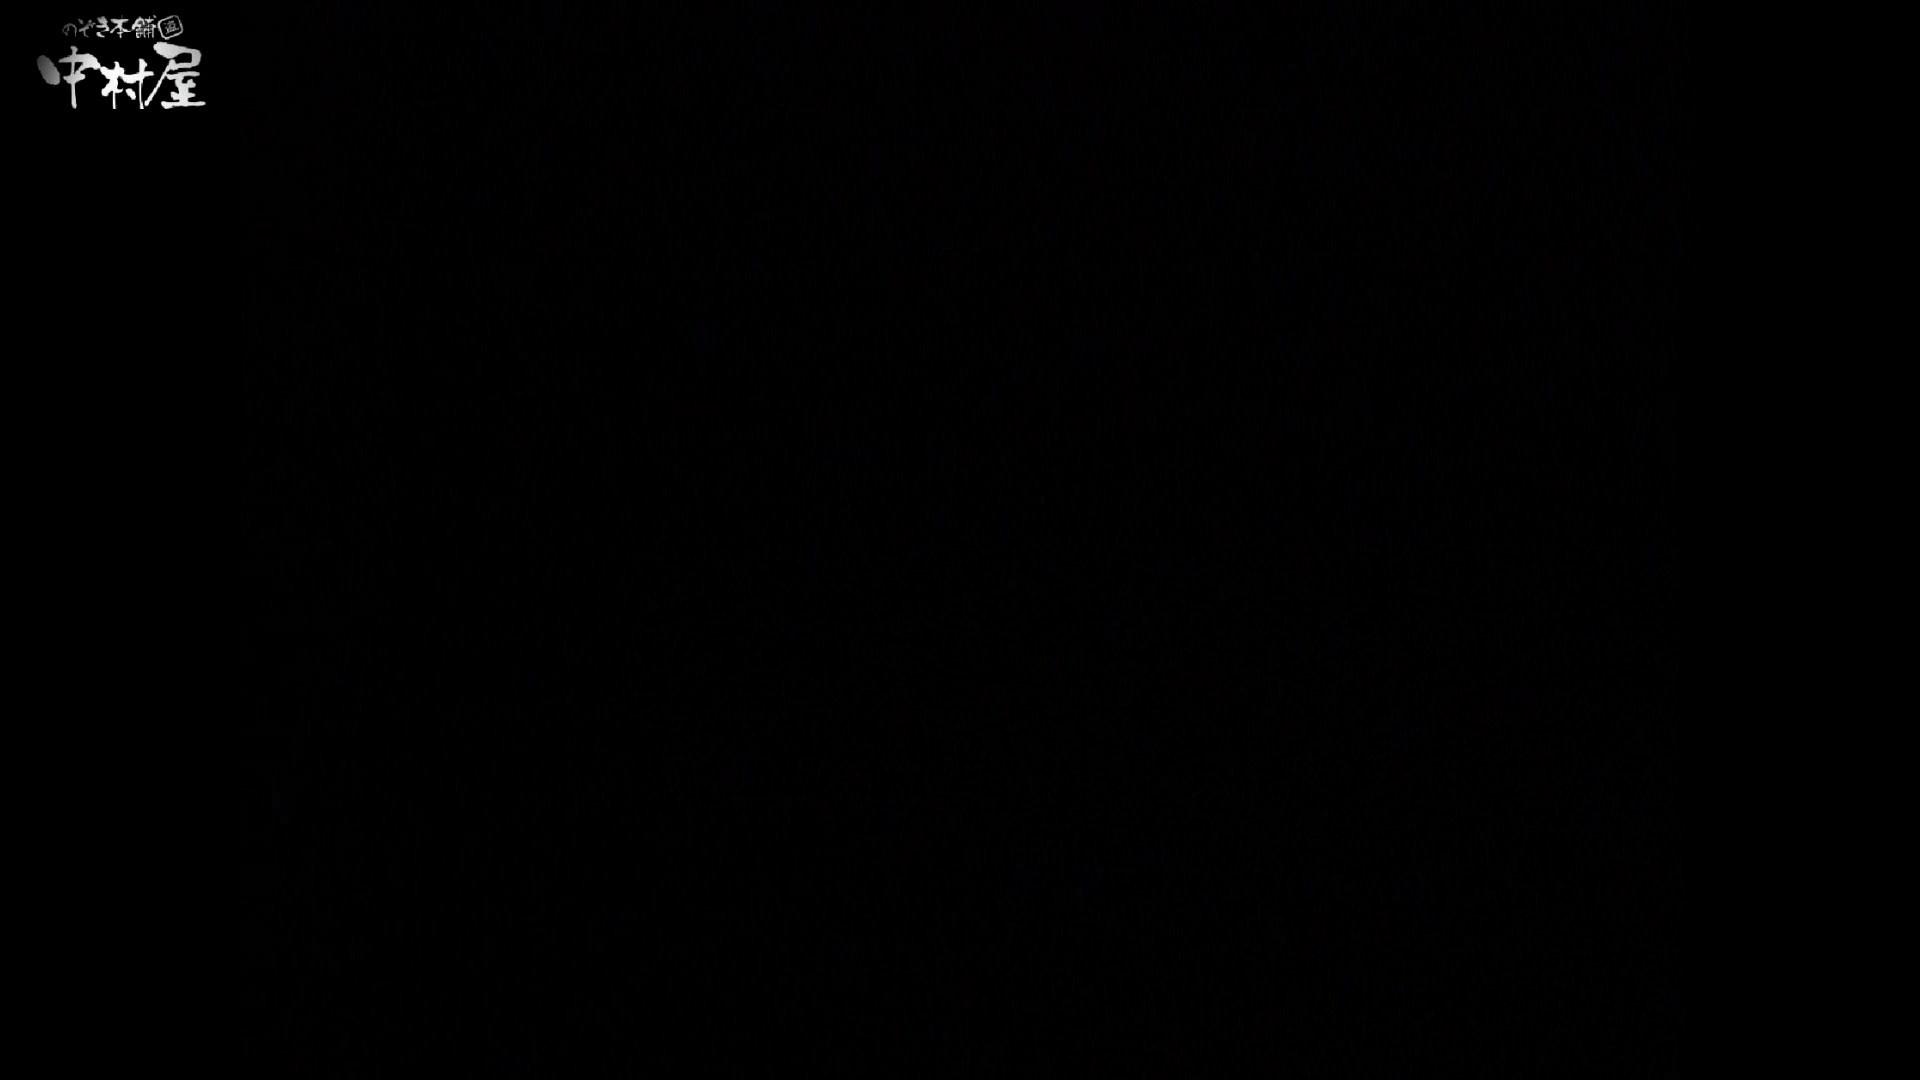 民家風呂専門盗撮師の超危険映像 vol.016 美女まとめ 性交動画流出 88PIX 38